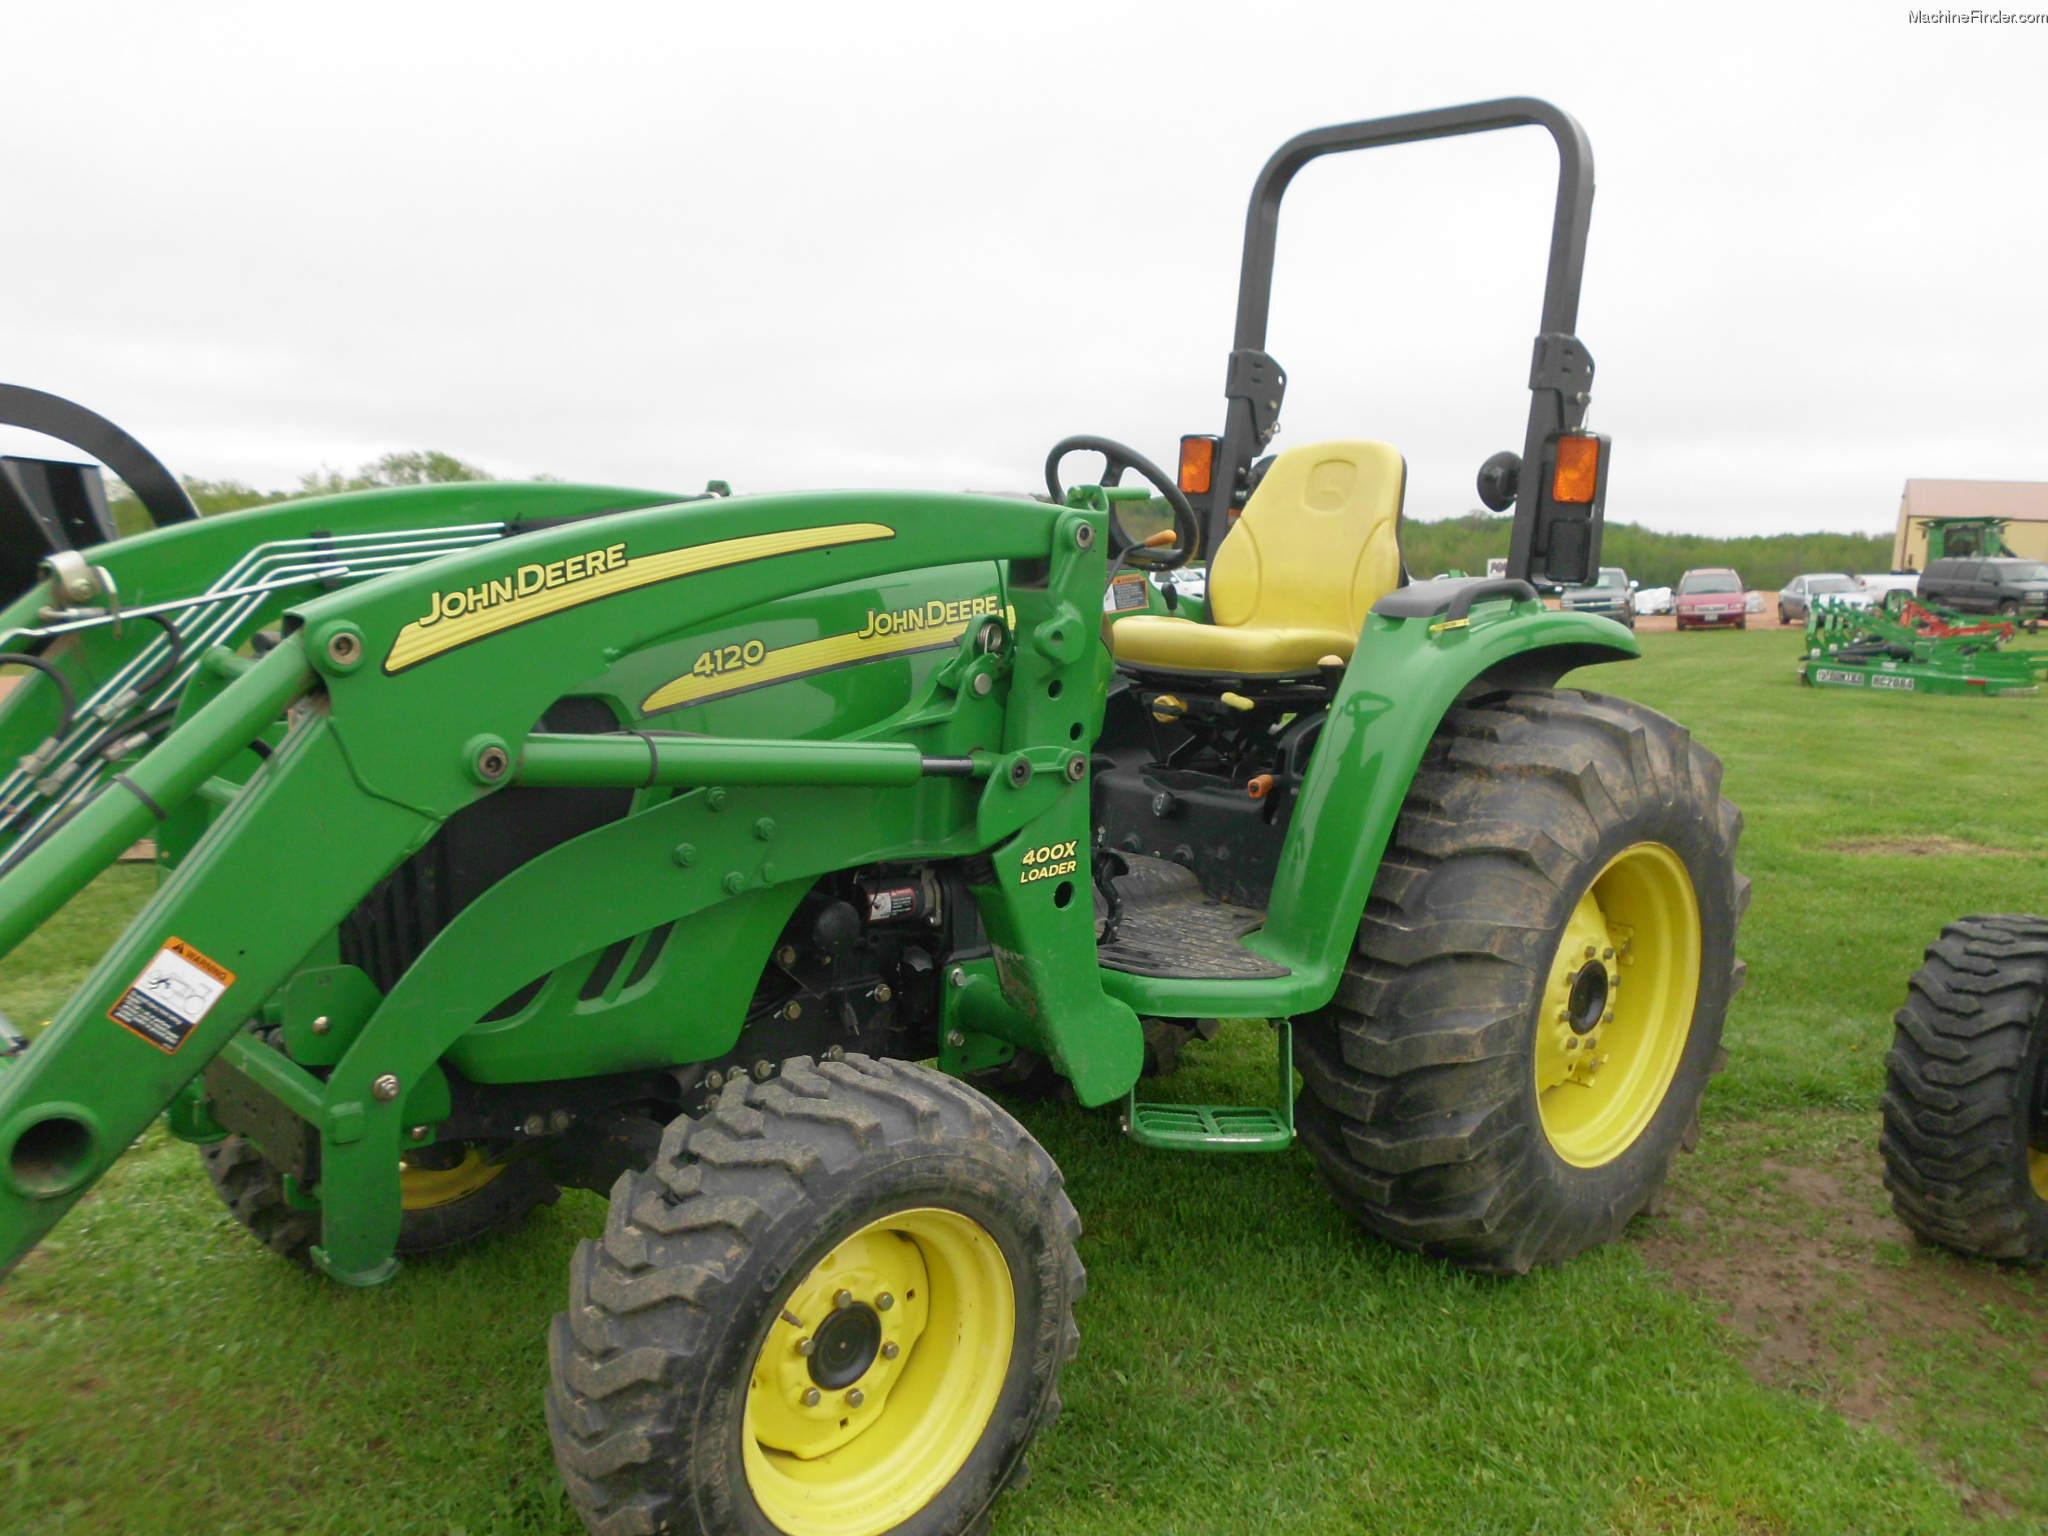 2004 John Deere 4120 Tractors - Compact (1-40hp.) - John Deere ...